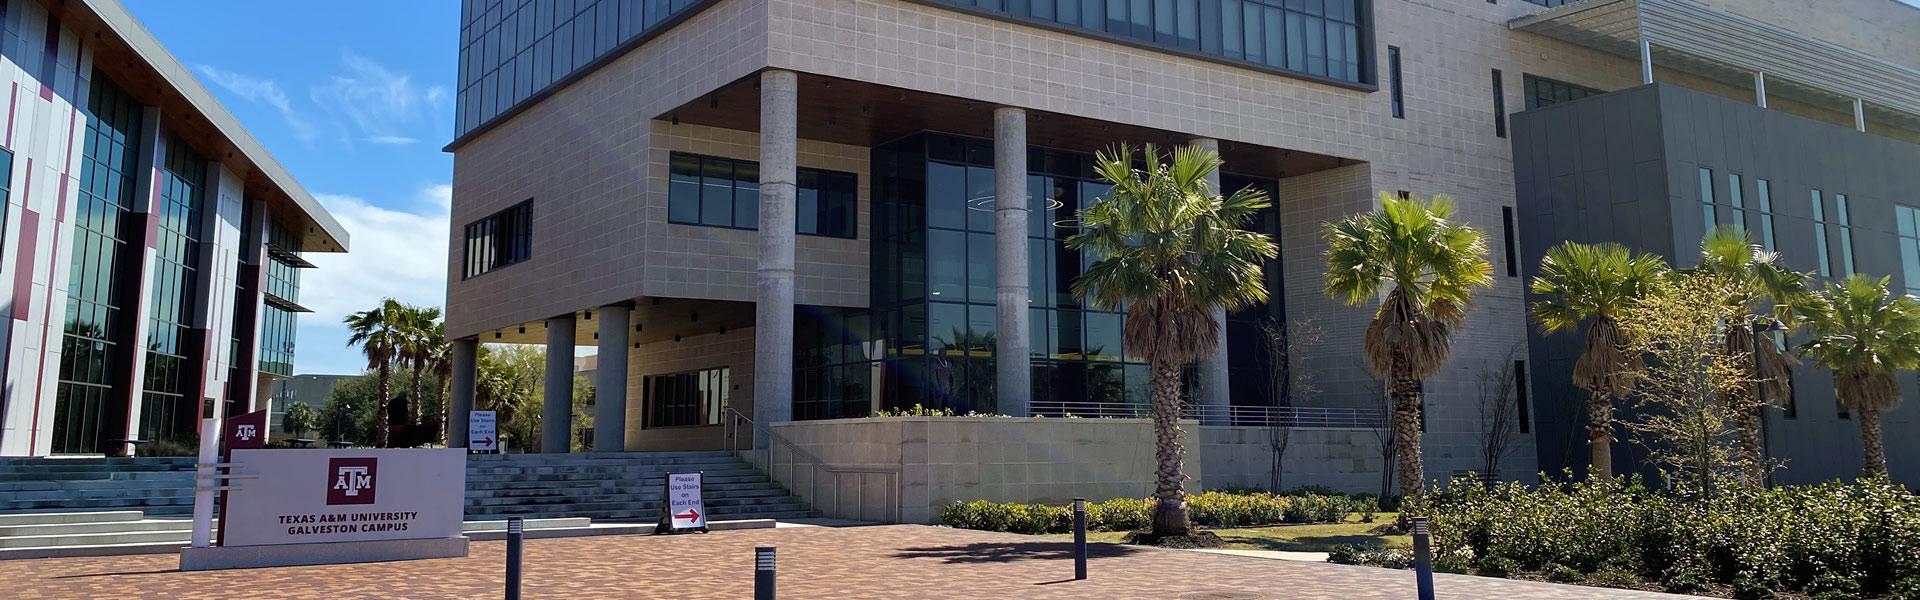 Texas A&M Galveston, Galveston, TX